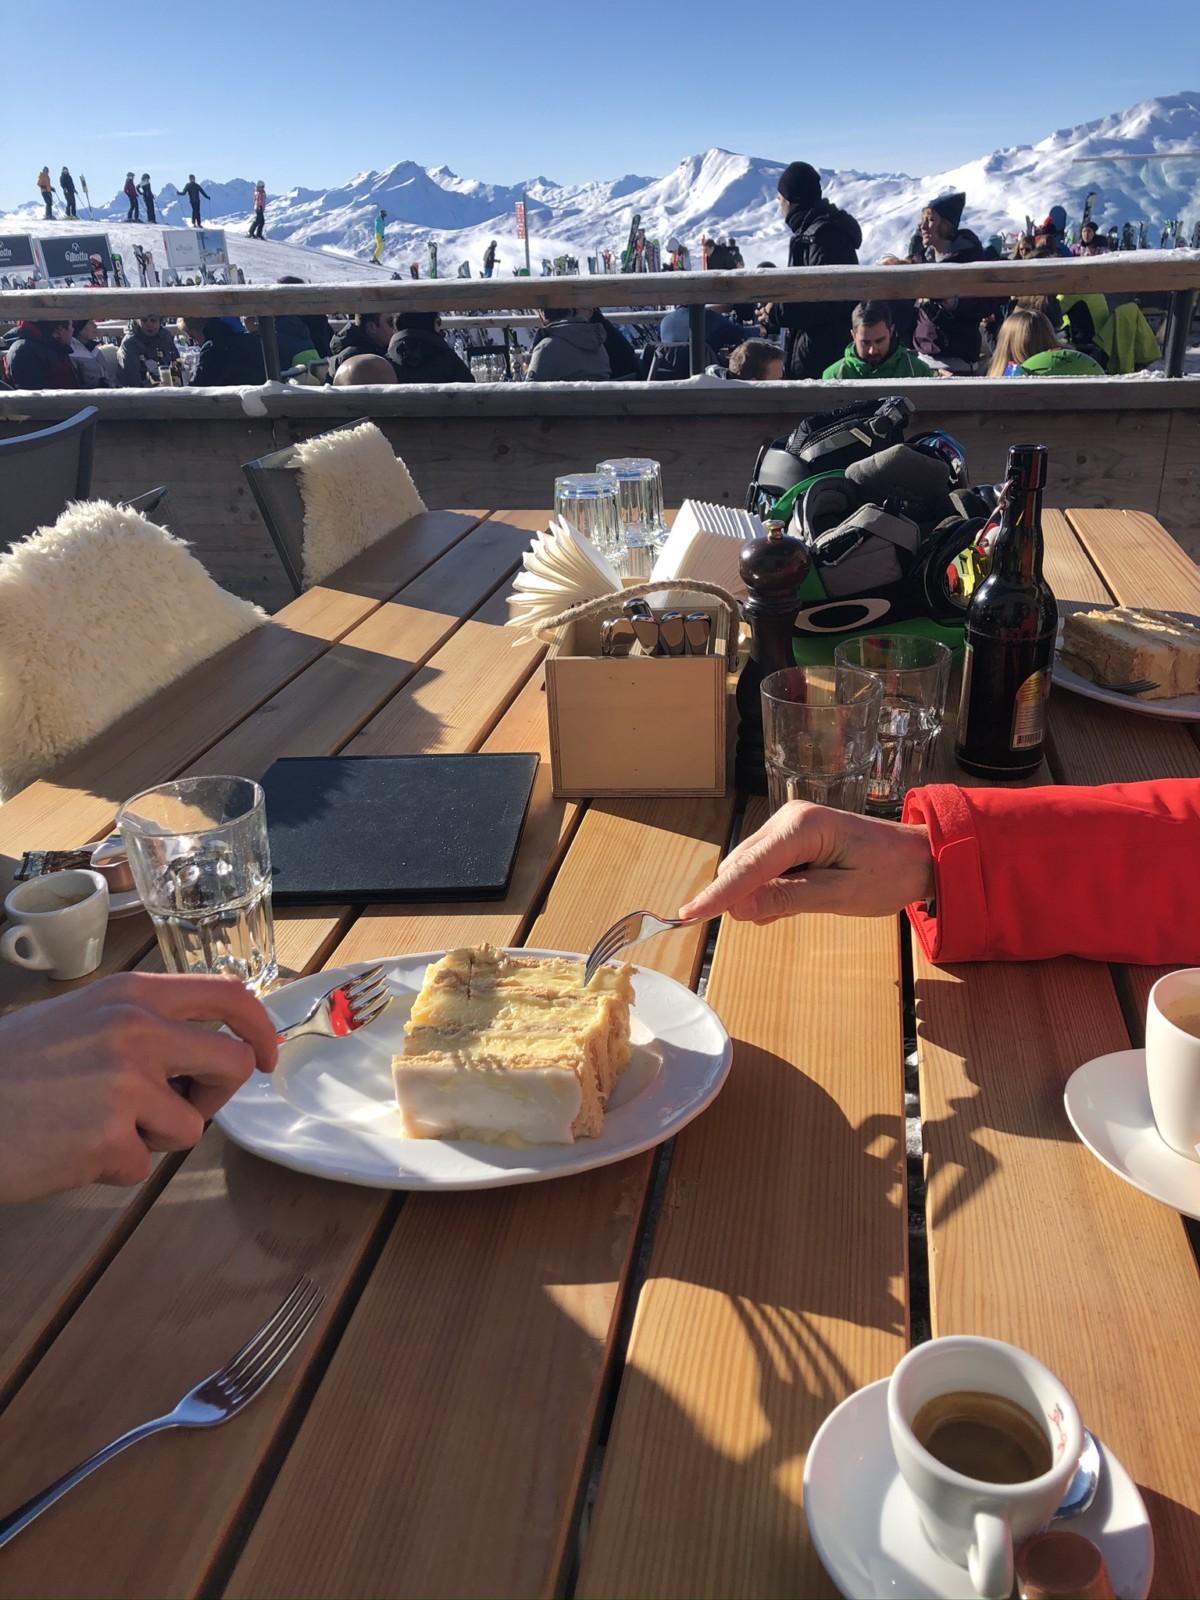 Crèmeschnitte mit Bergpanorama. Foto: Lunchgate/David